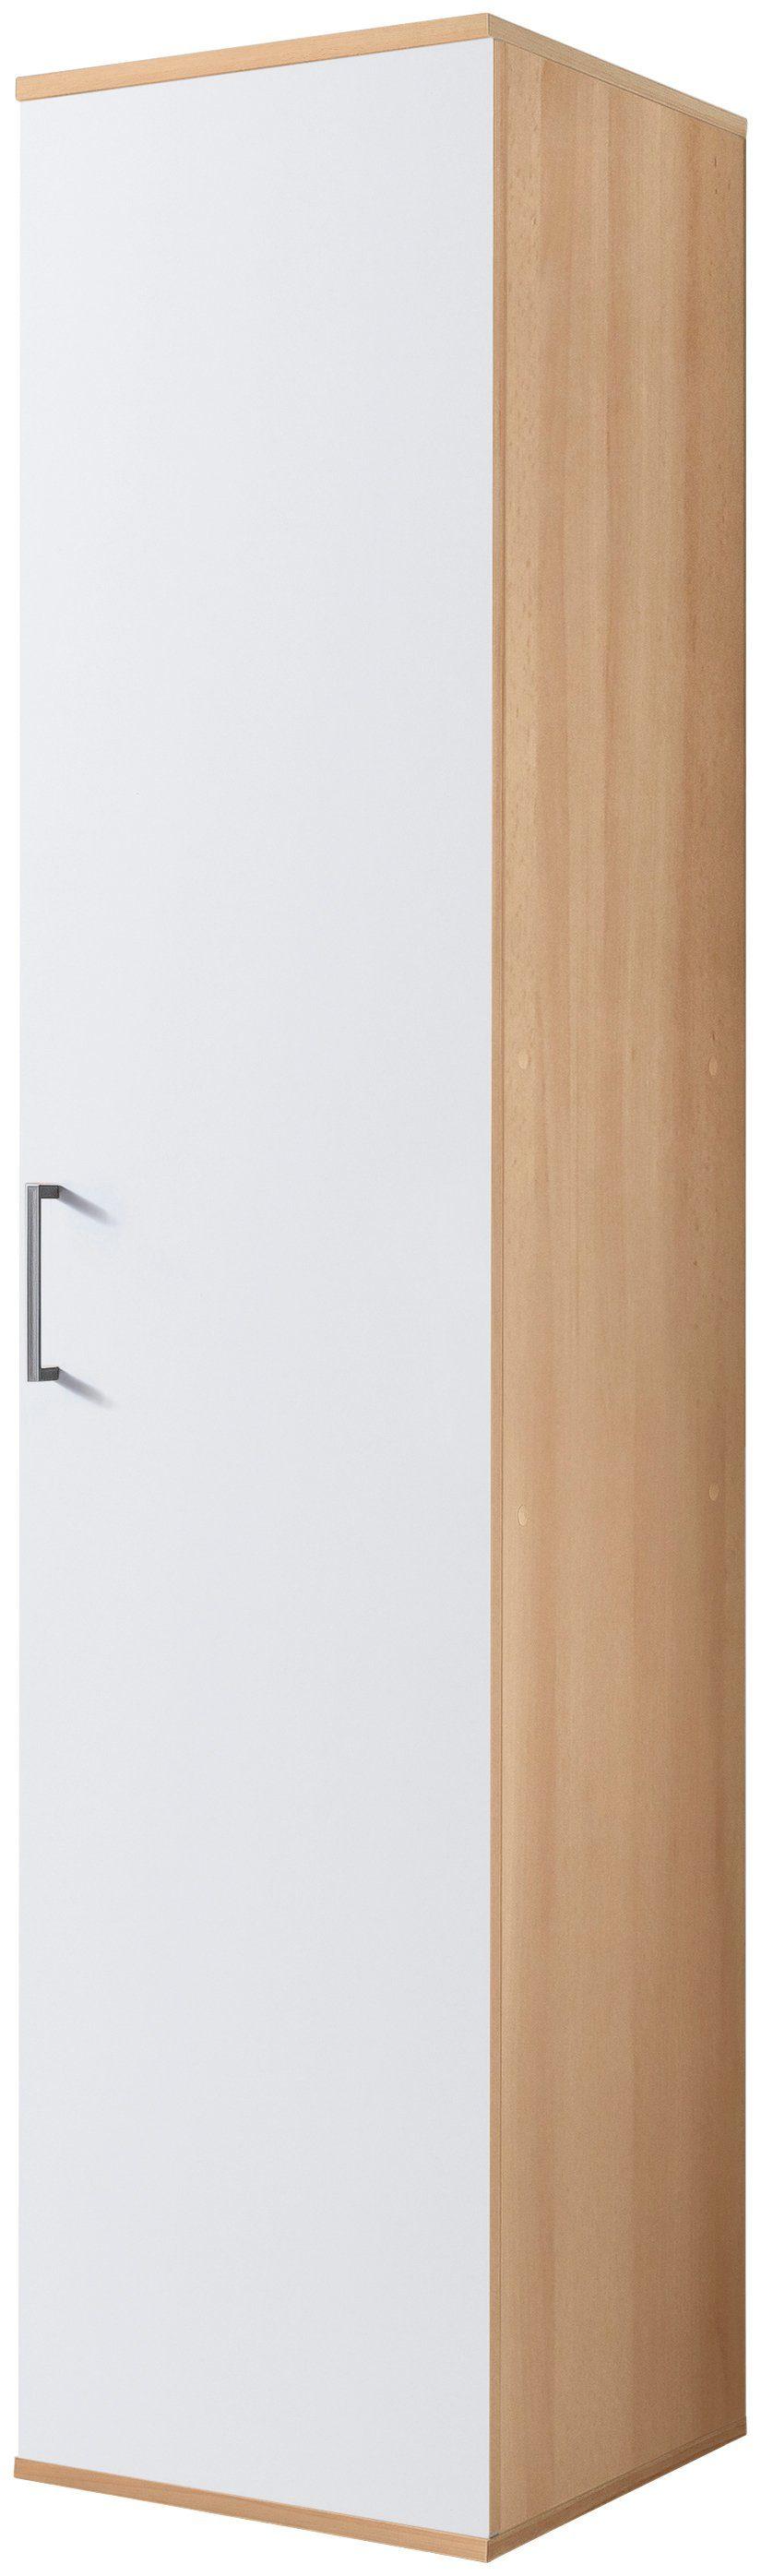 Mehrzweckschrank »Ronny«, Maße 40x39x178 cm